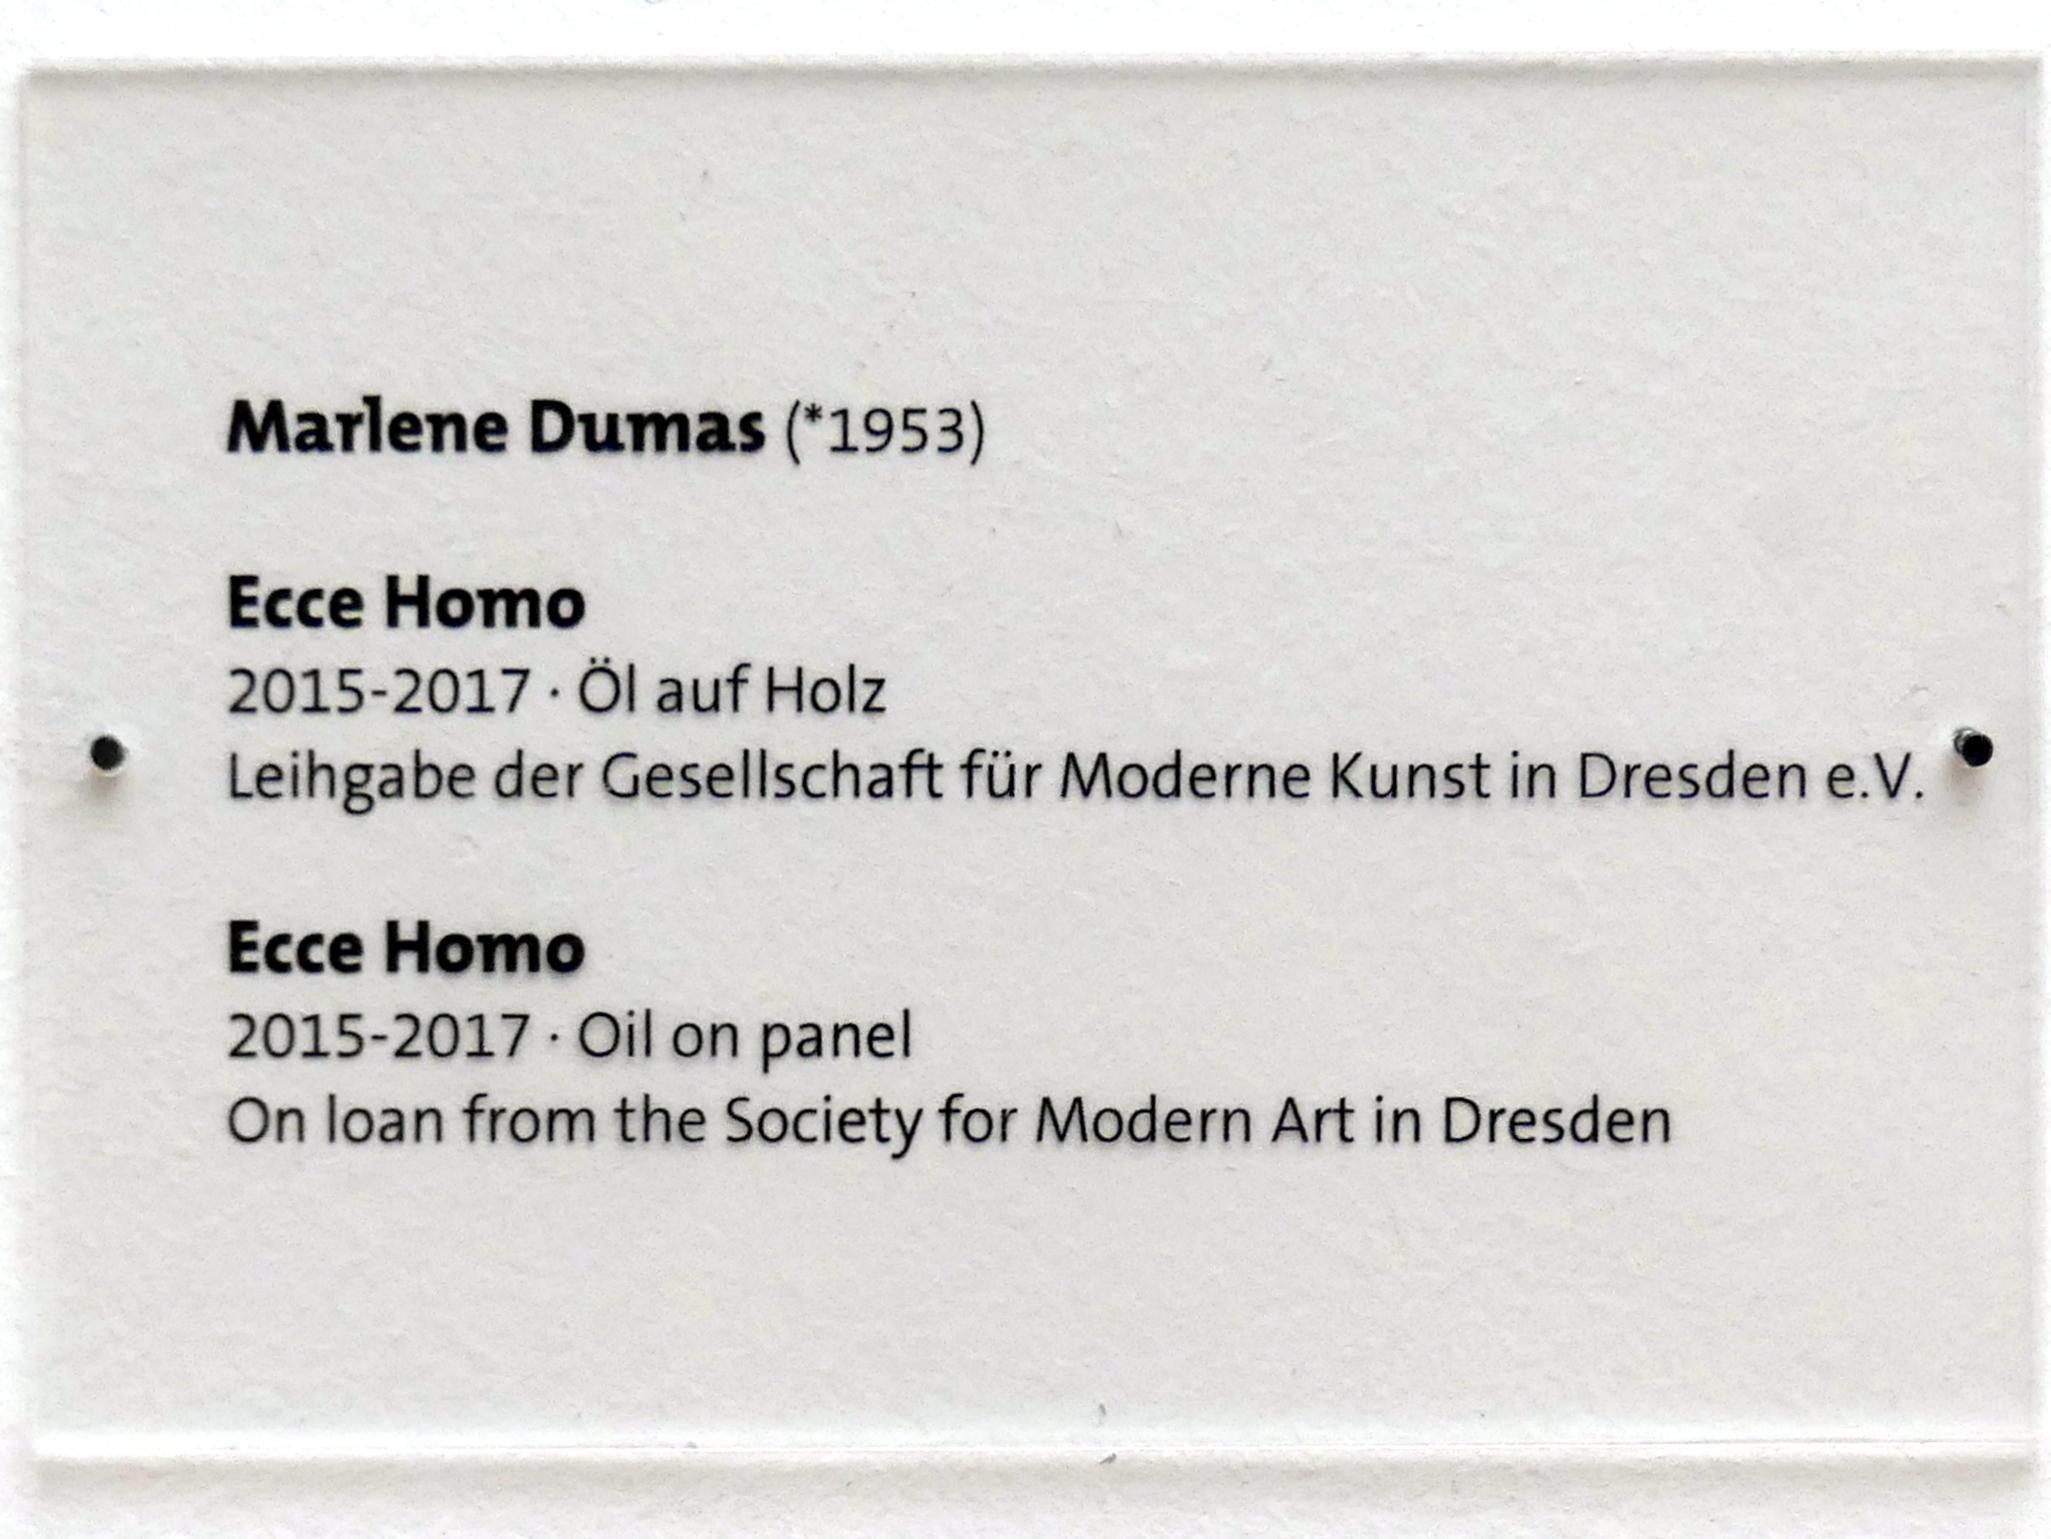 Marlene Dumas: Ecce Homo, 2015 - 2017, Bild 2/2